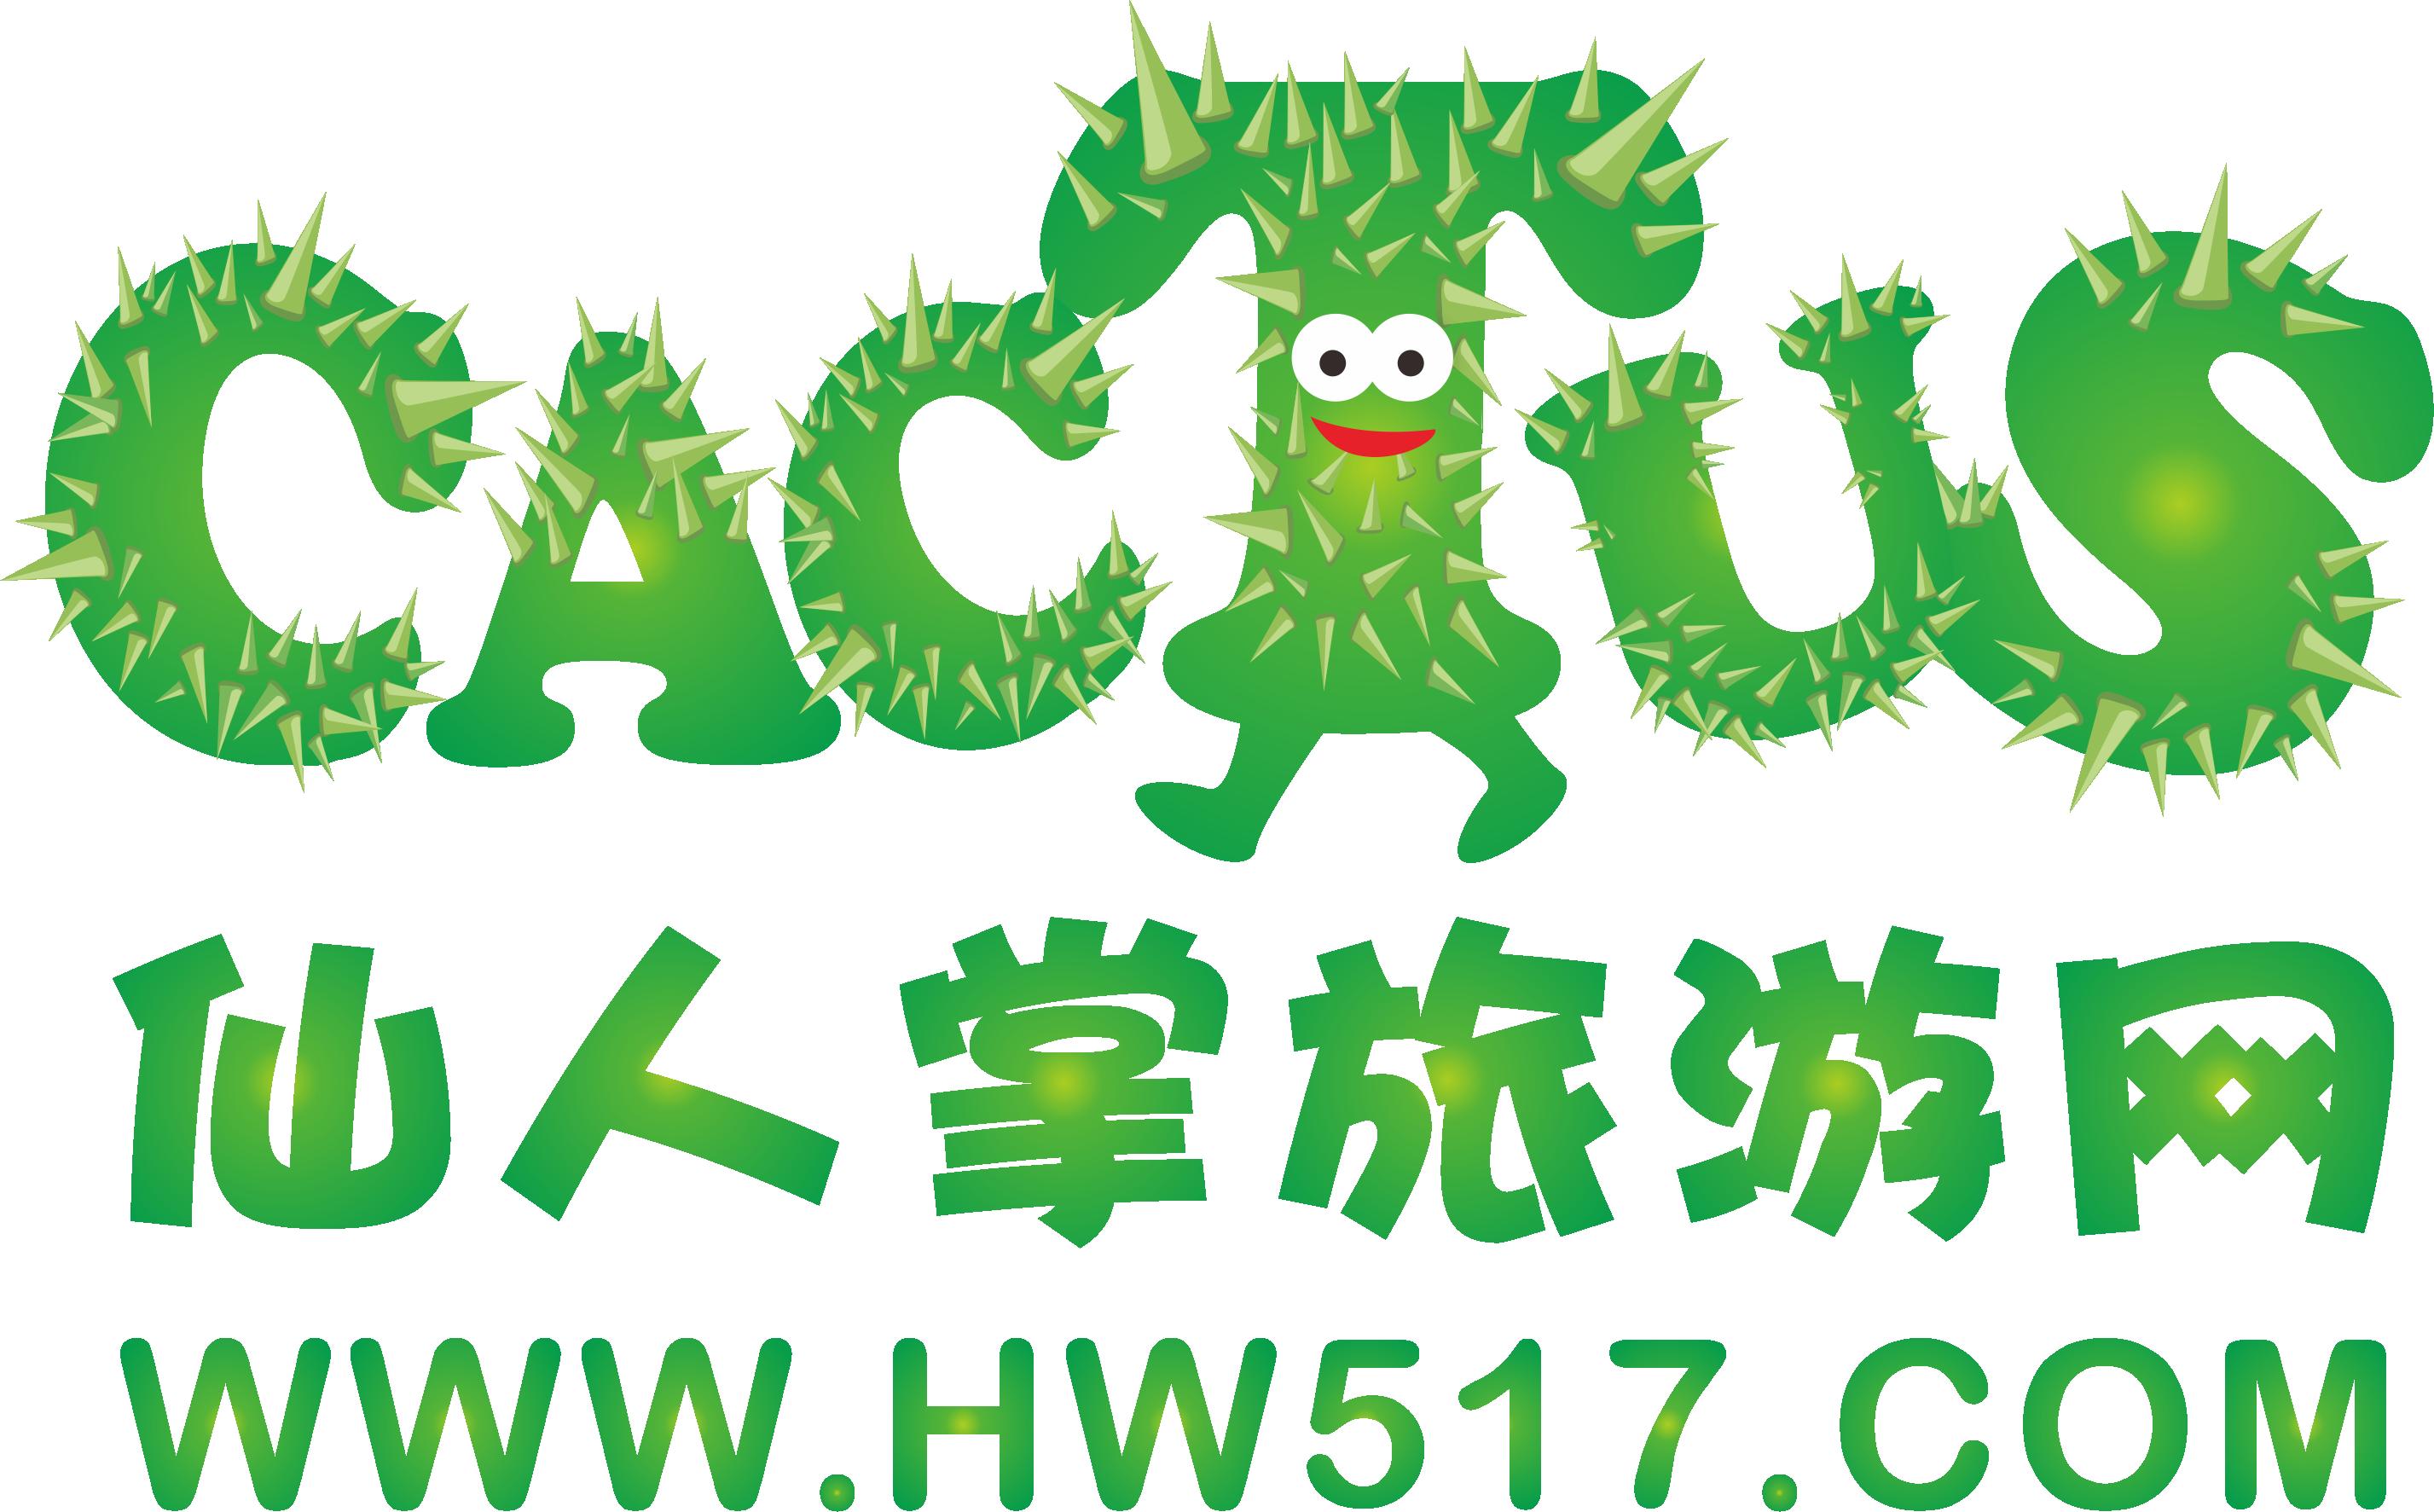 【仙人掌旅游】苏州园林、无锡灵山胜境、禅行拈花湾品质二日游